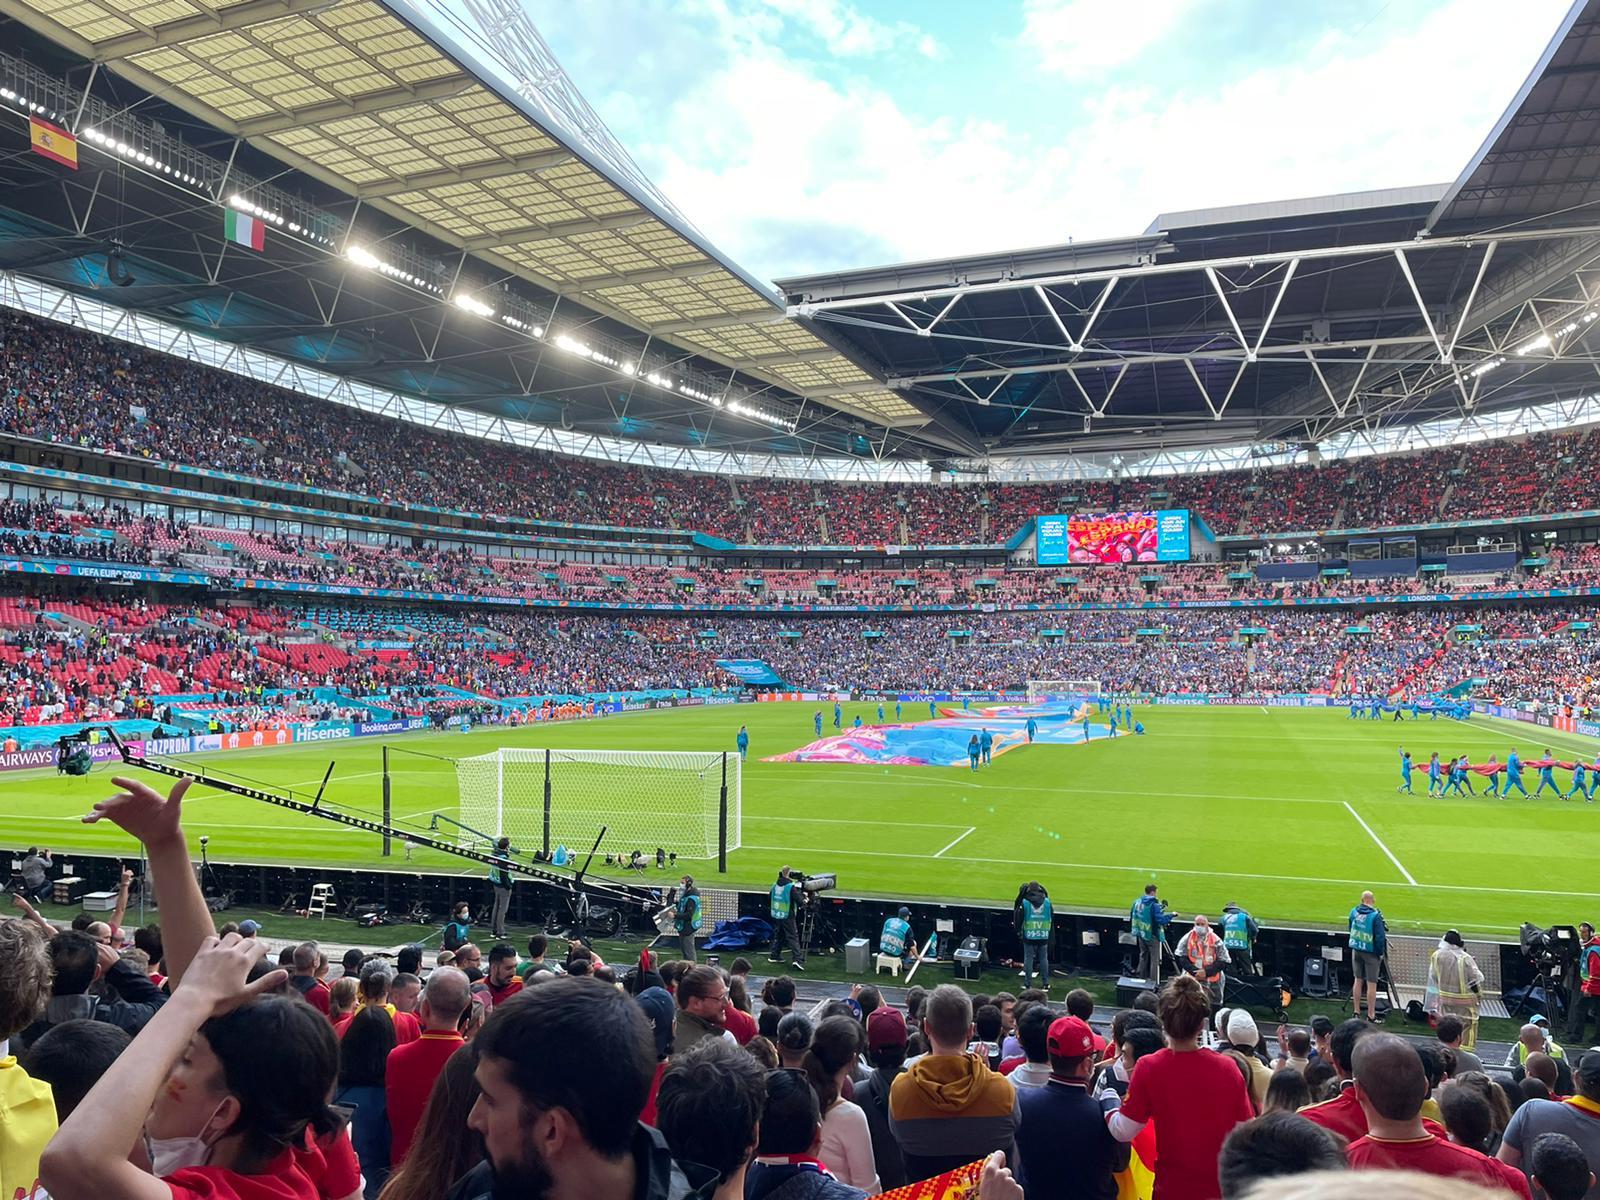 El estadio de Wembley acogió la semifinal entre España e Italia.